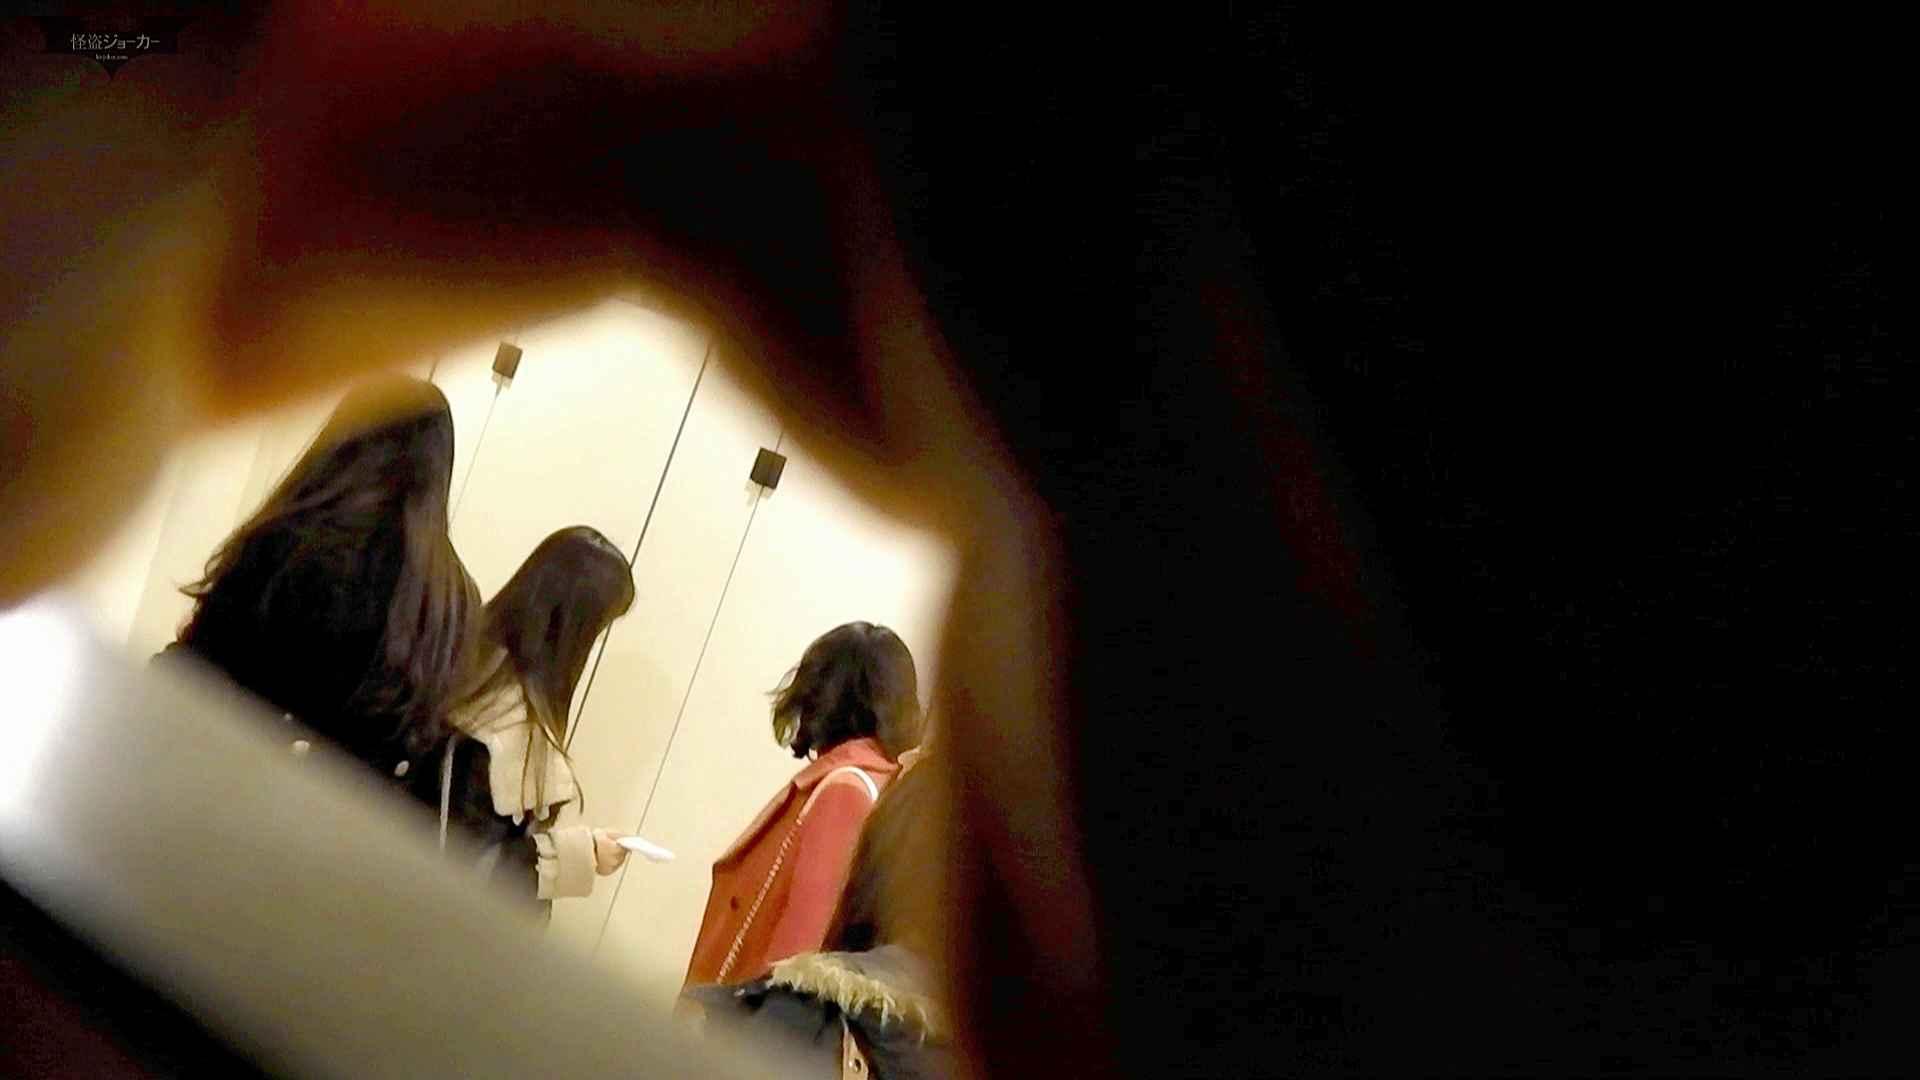 新世界の射窓 No71 久しぶり、可愛い三人組全部晒しちゃいます。 丸見え おまんこ無修正動画無料 97枚 83